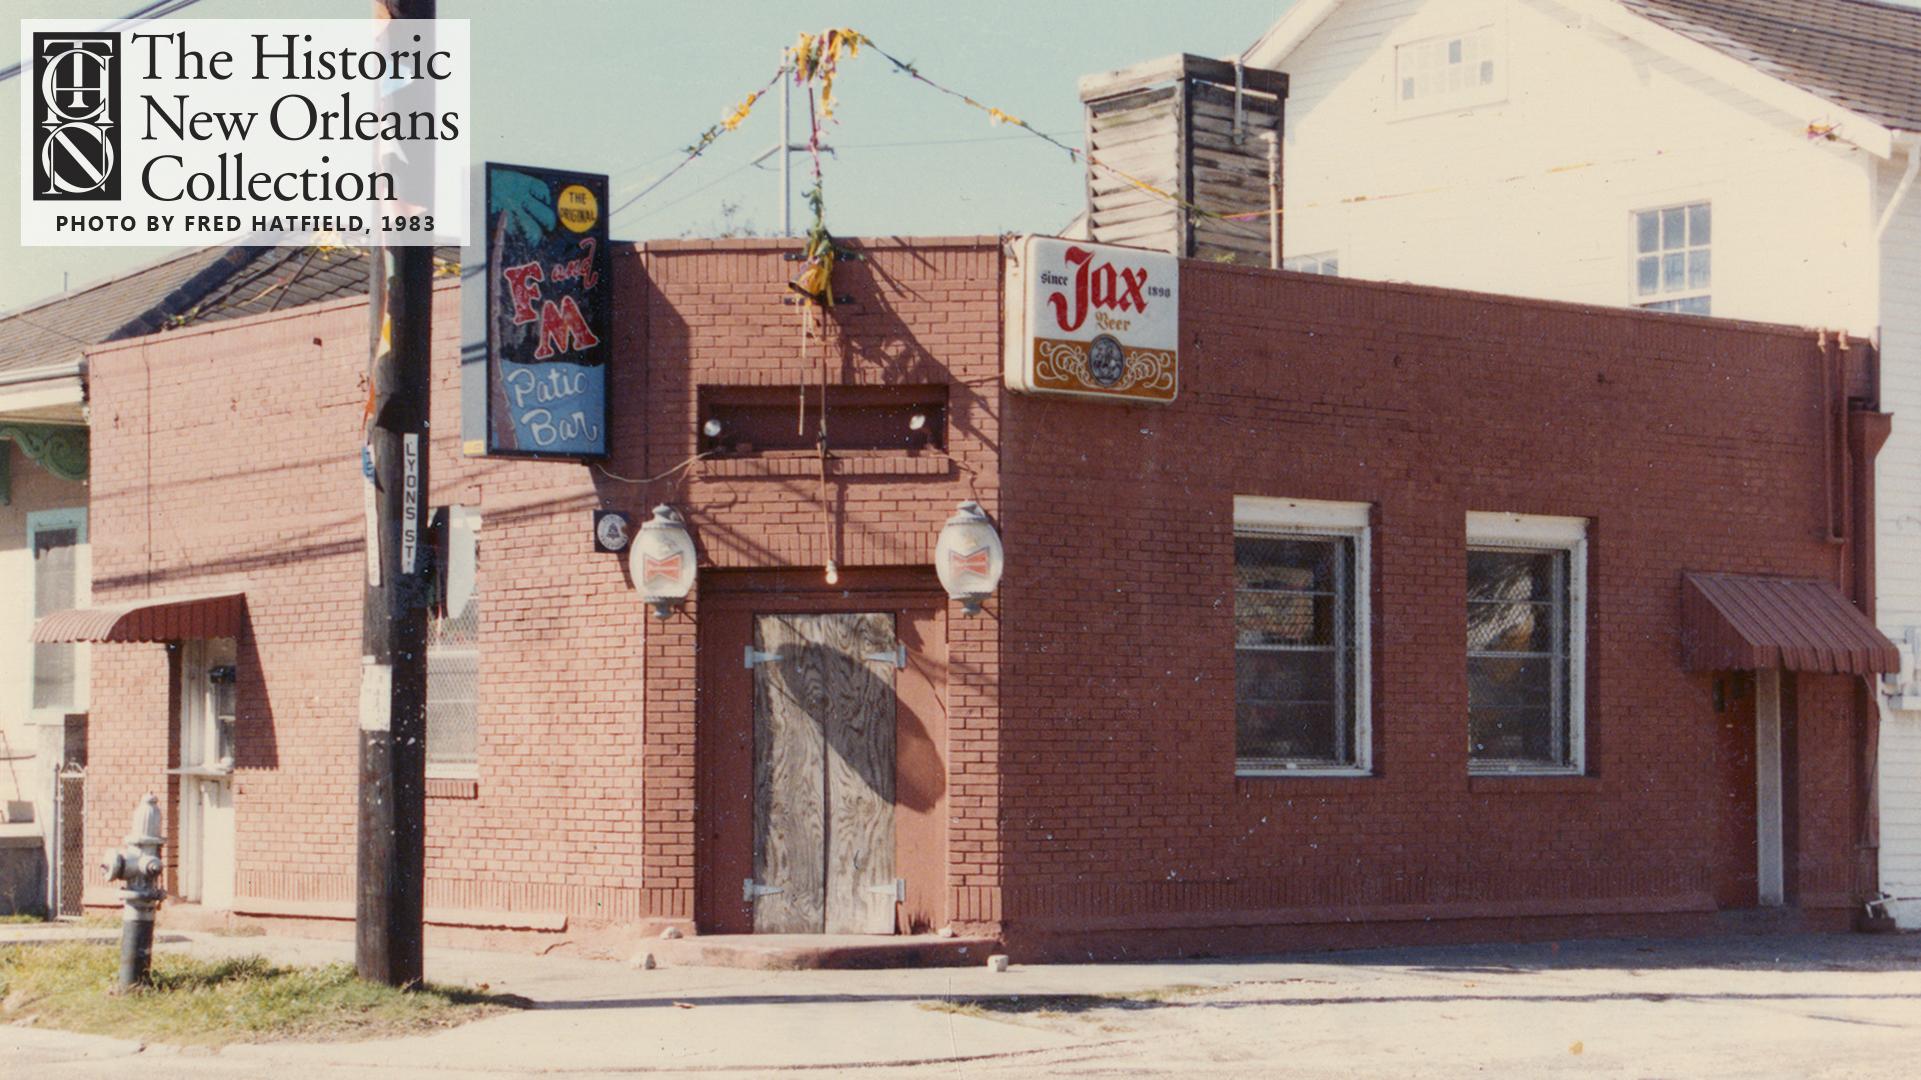 The Original F&M Patio Bar